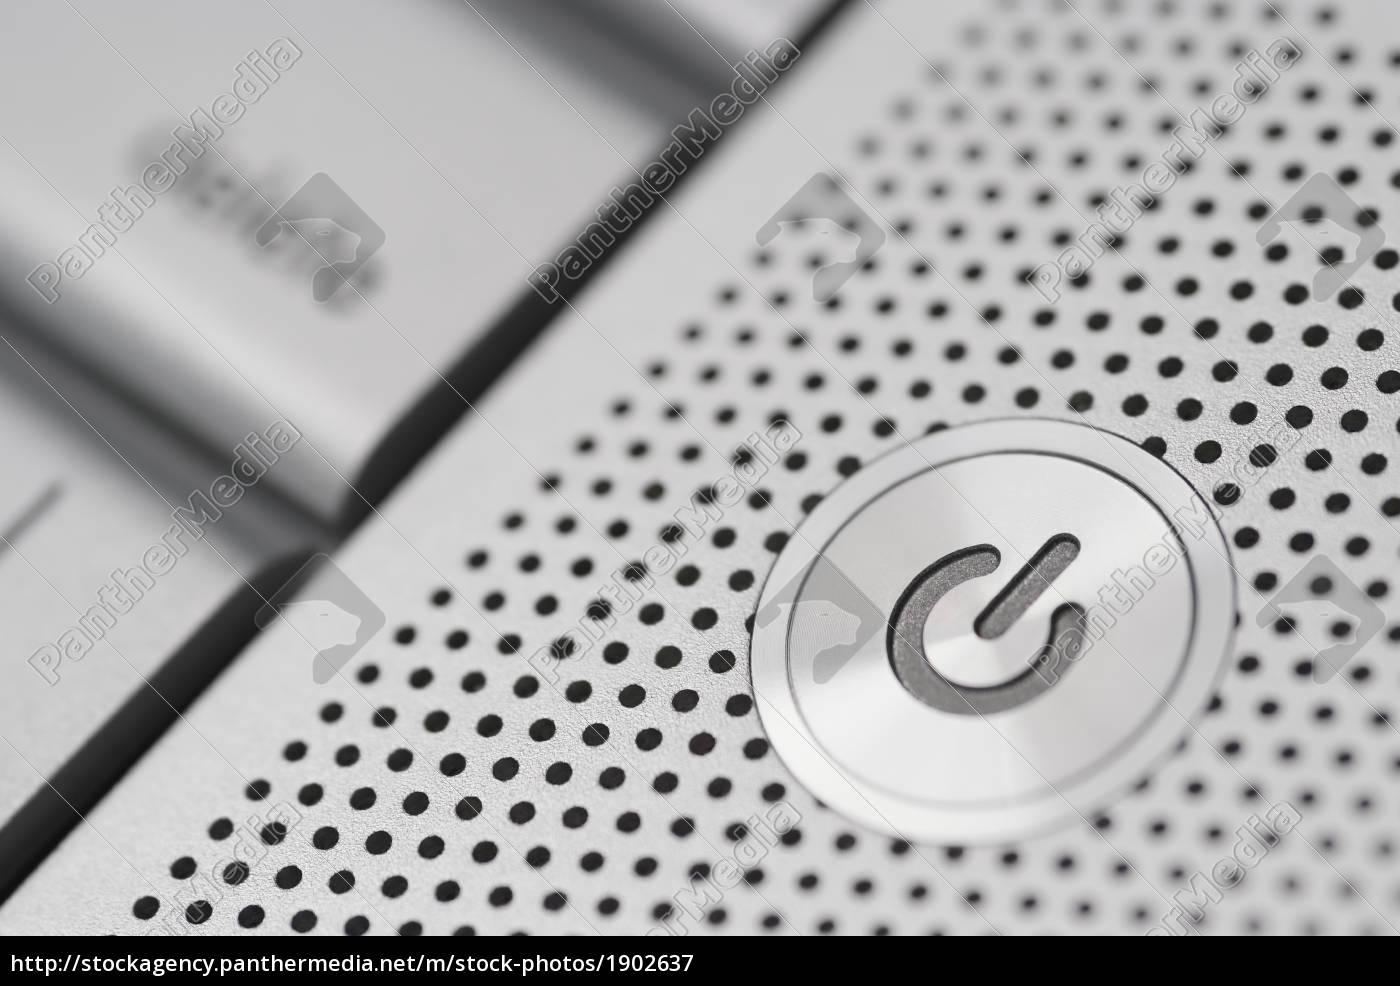 power taste auf einem silbernen laptop lizenzfreies bild. Black Bedroom Furniture Sets. Home Design Ideas